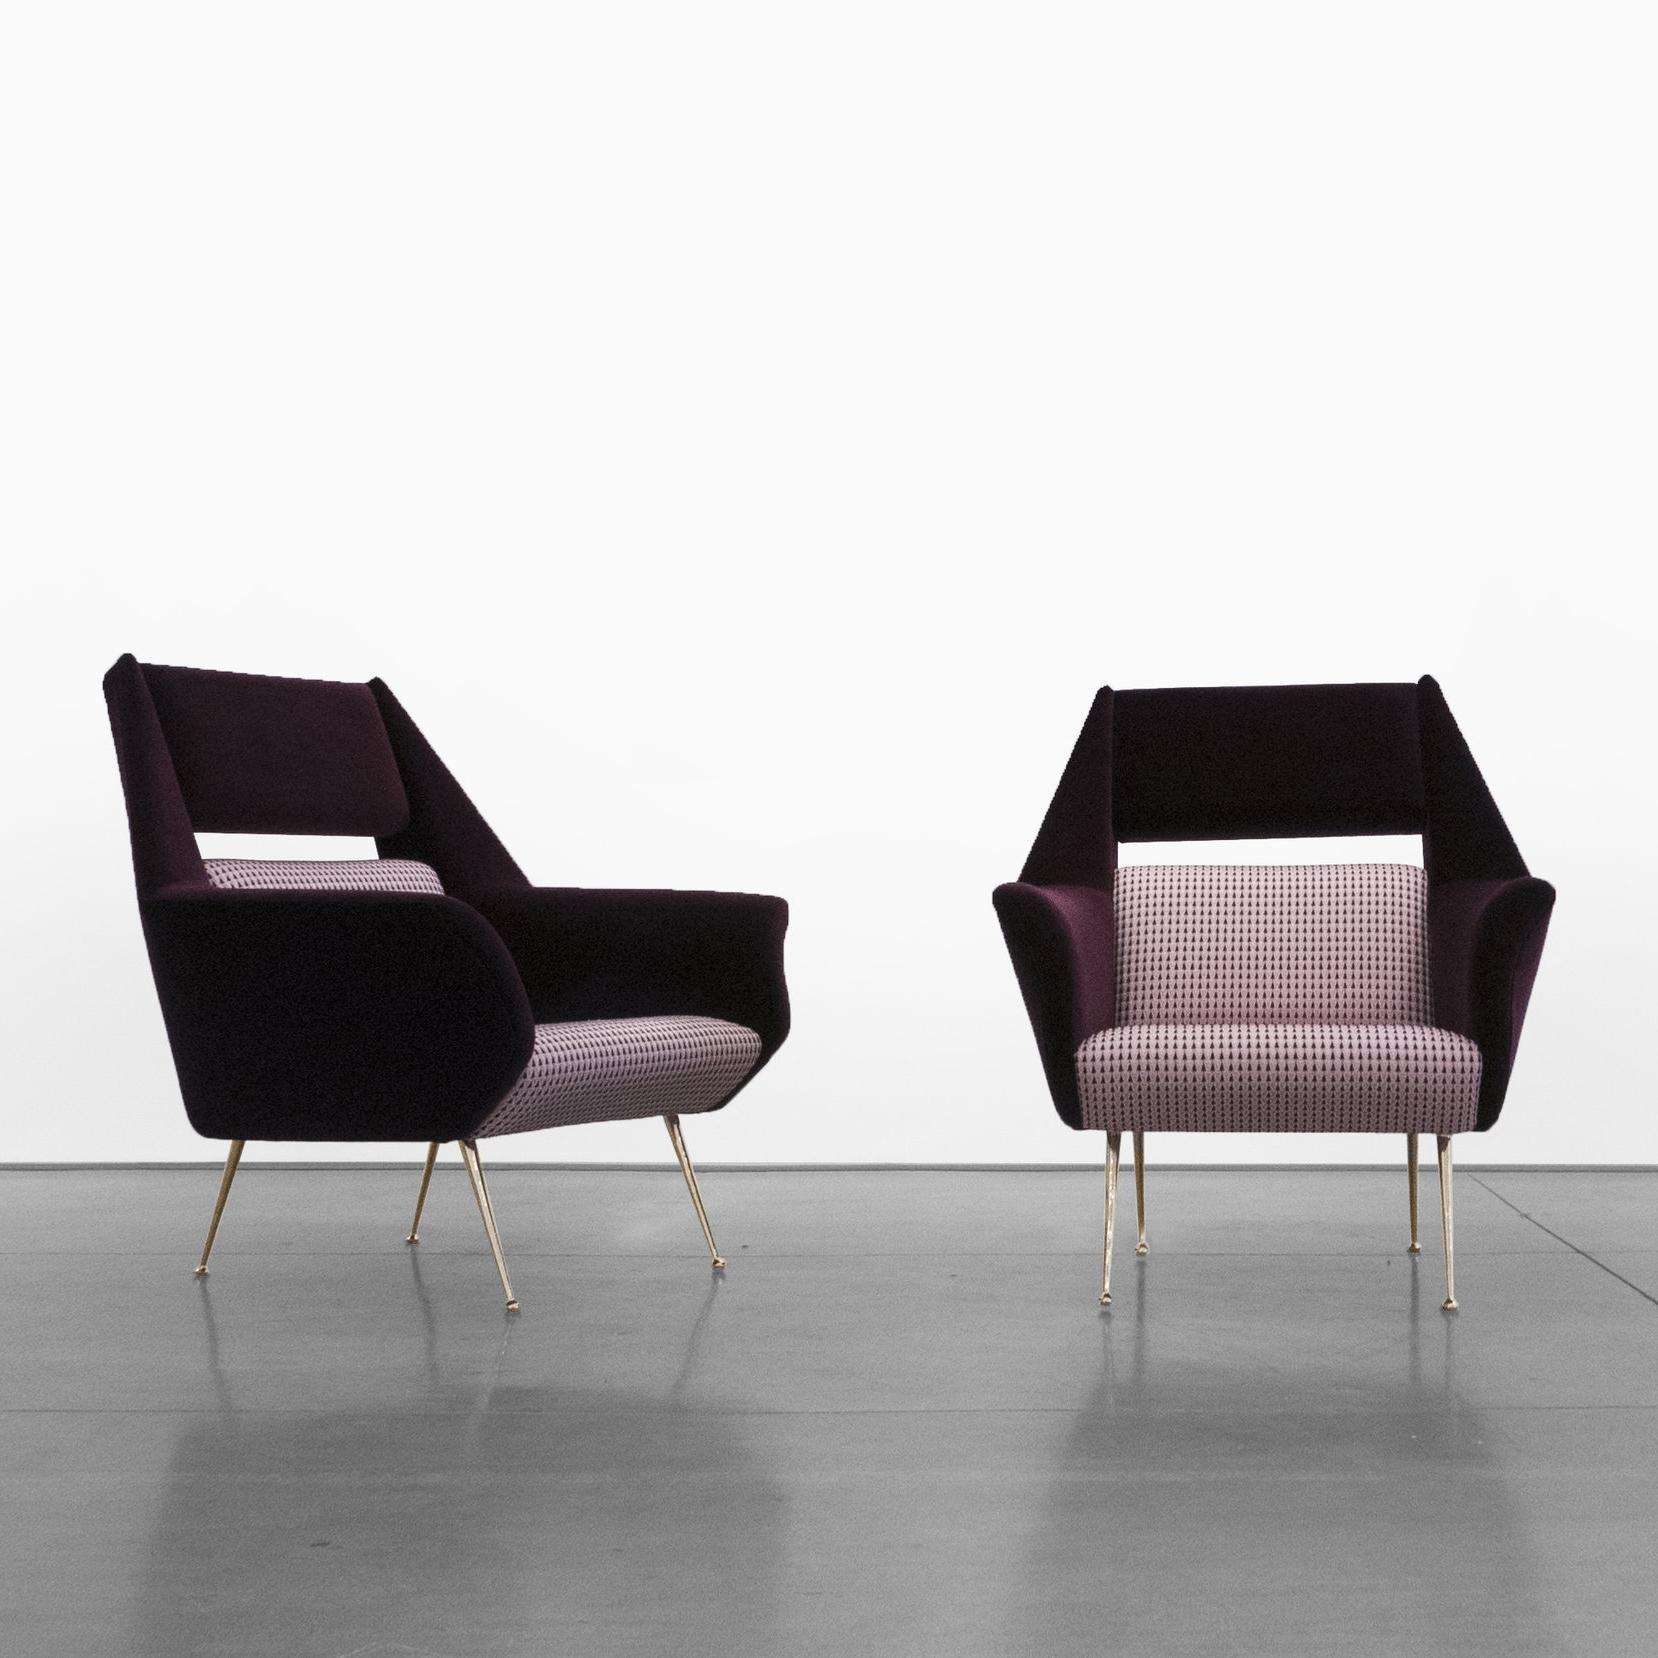 gigi radice chairs for minotti c. 1950 - 1959 …